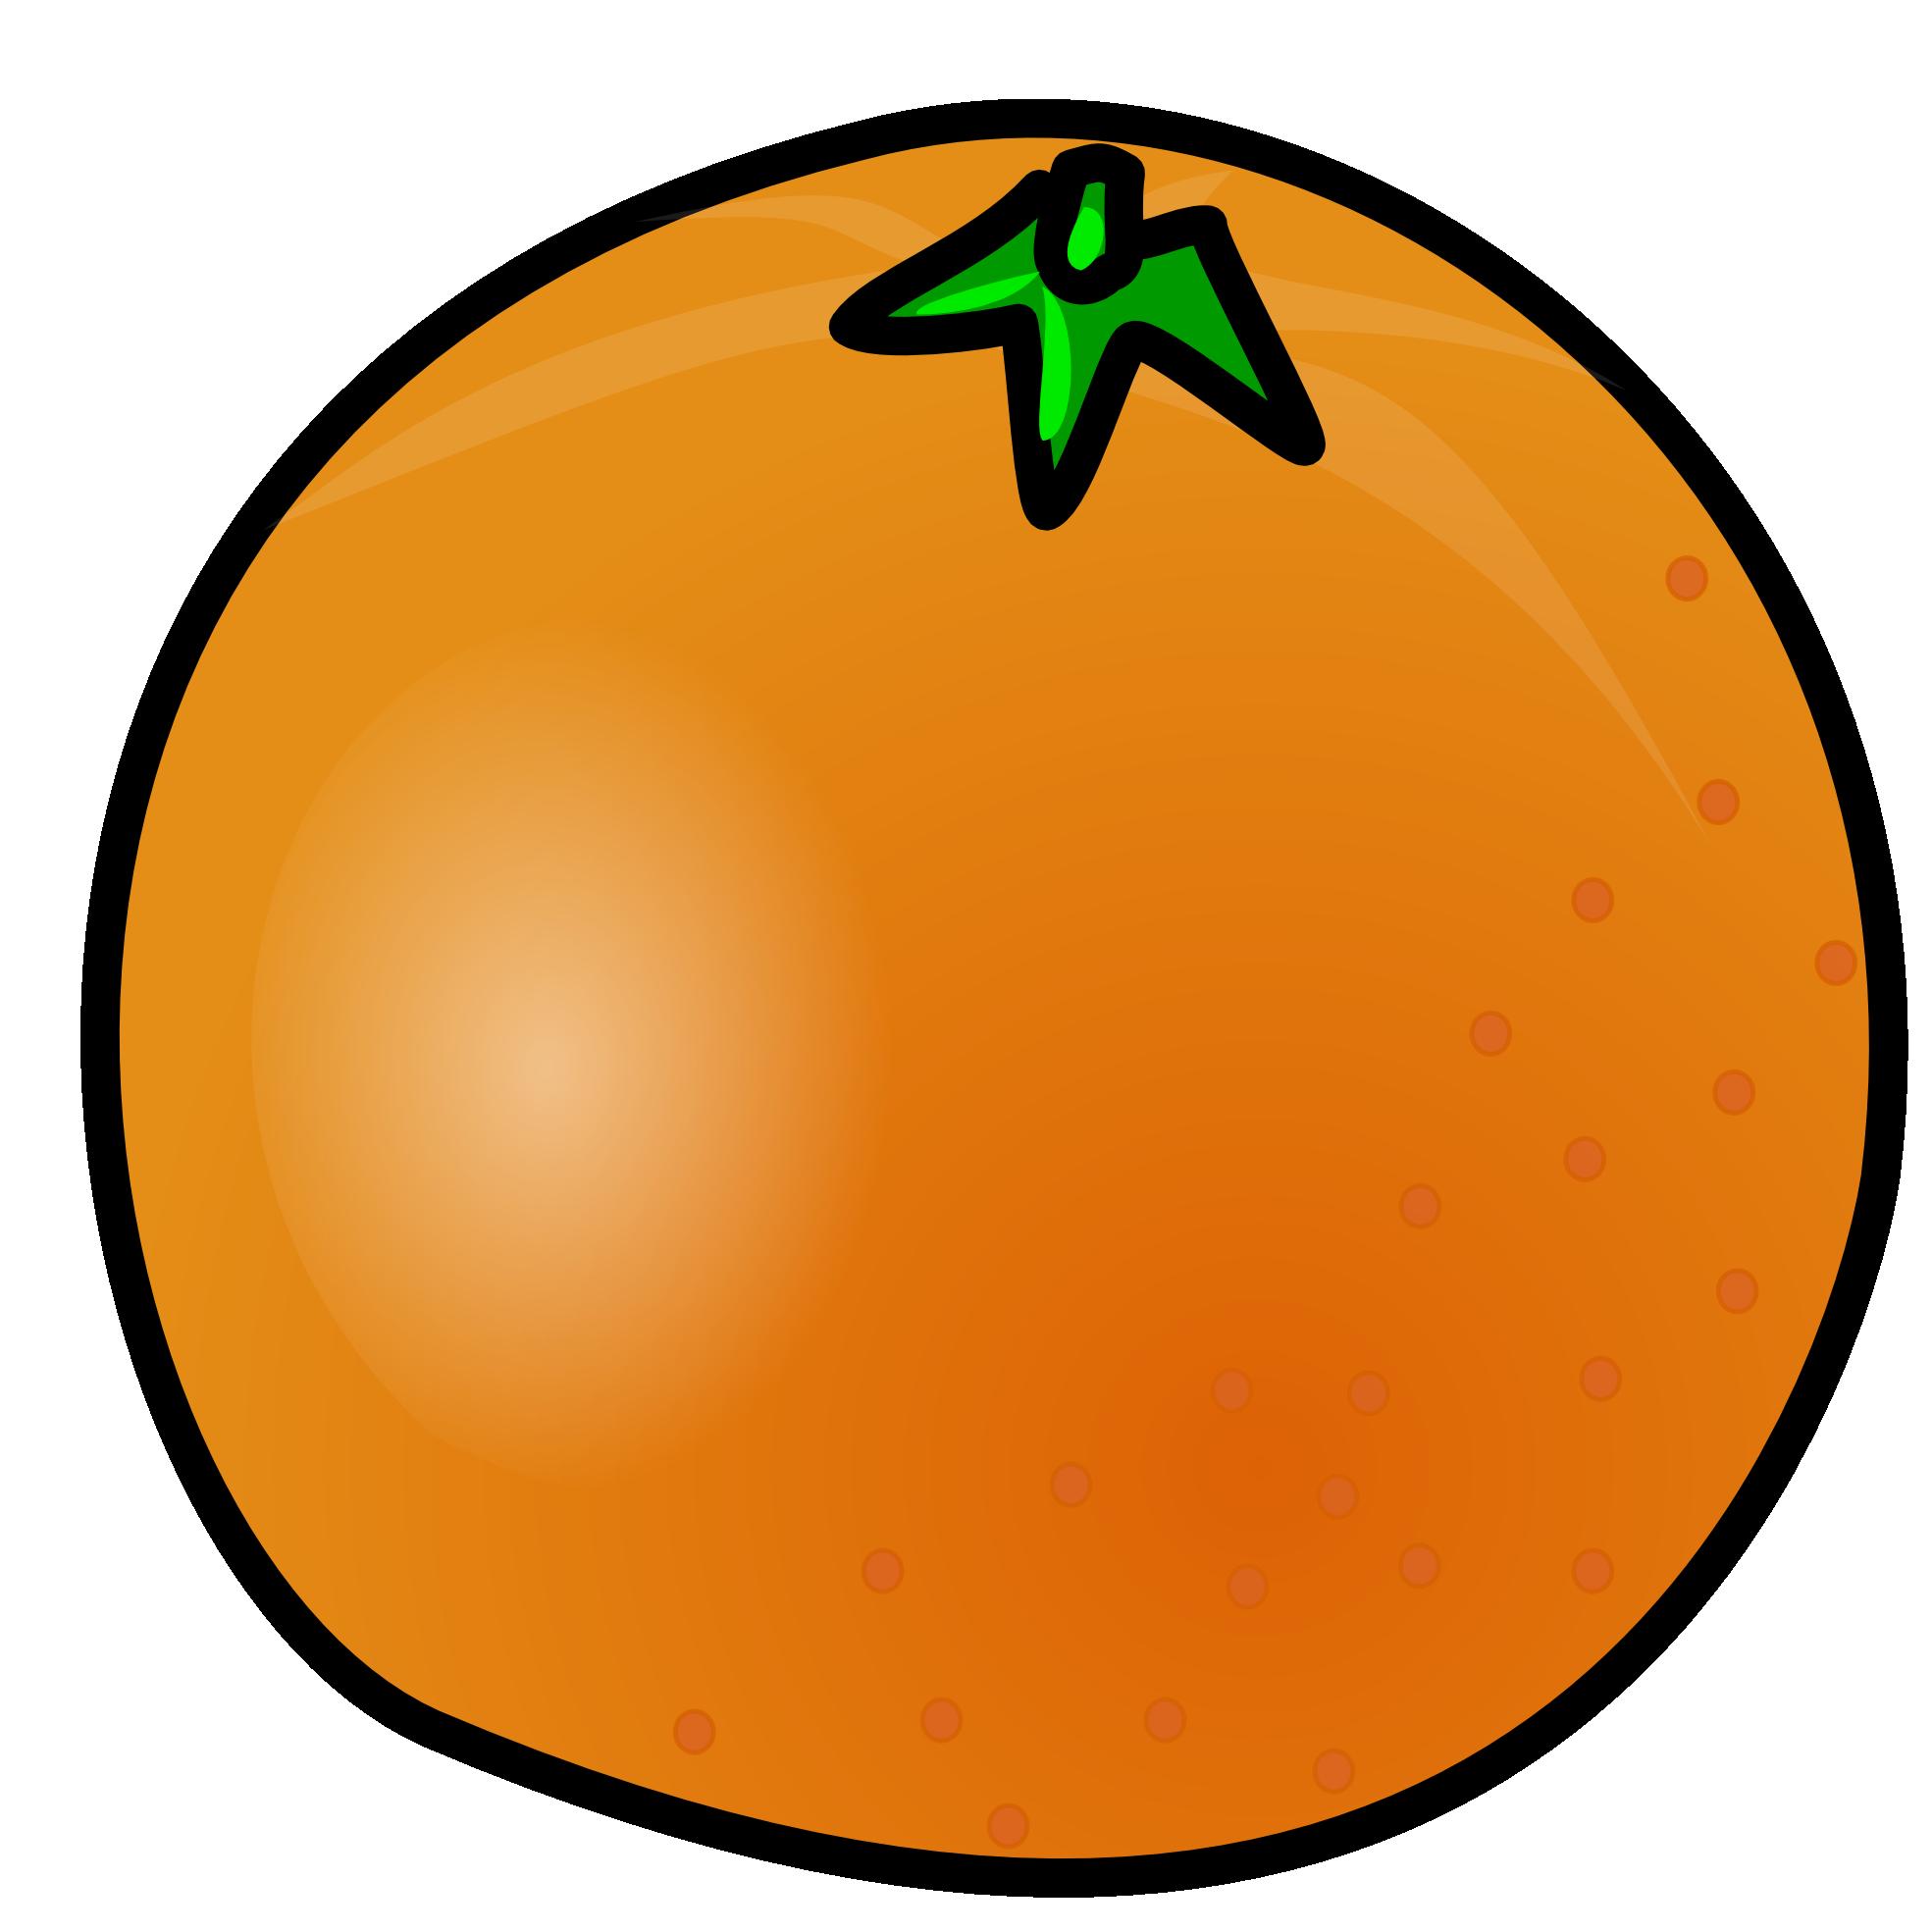 Orange clipart Free Panda Clip Orange Images